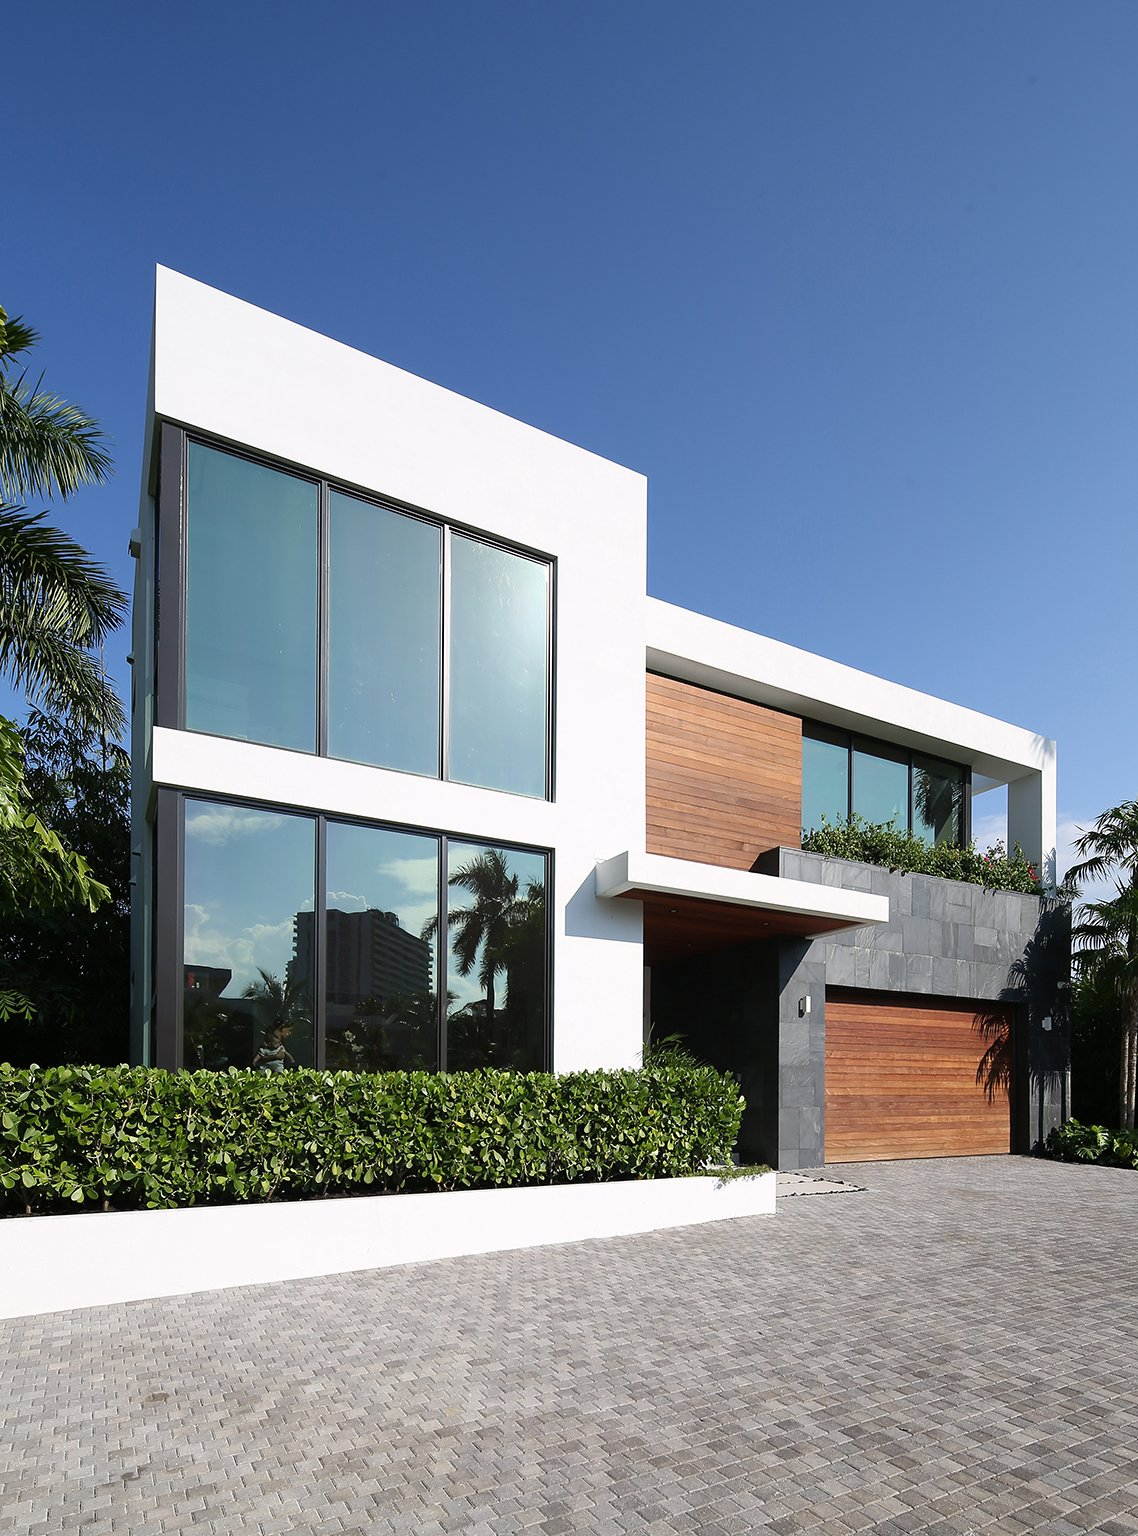 475 Golden Beach by Sdh Studio Architecture + Design